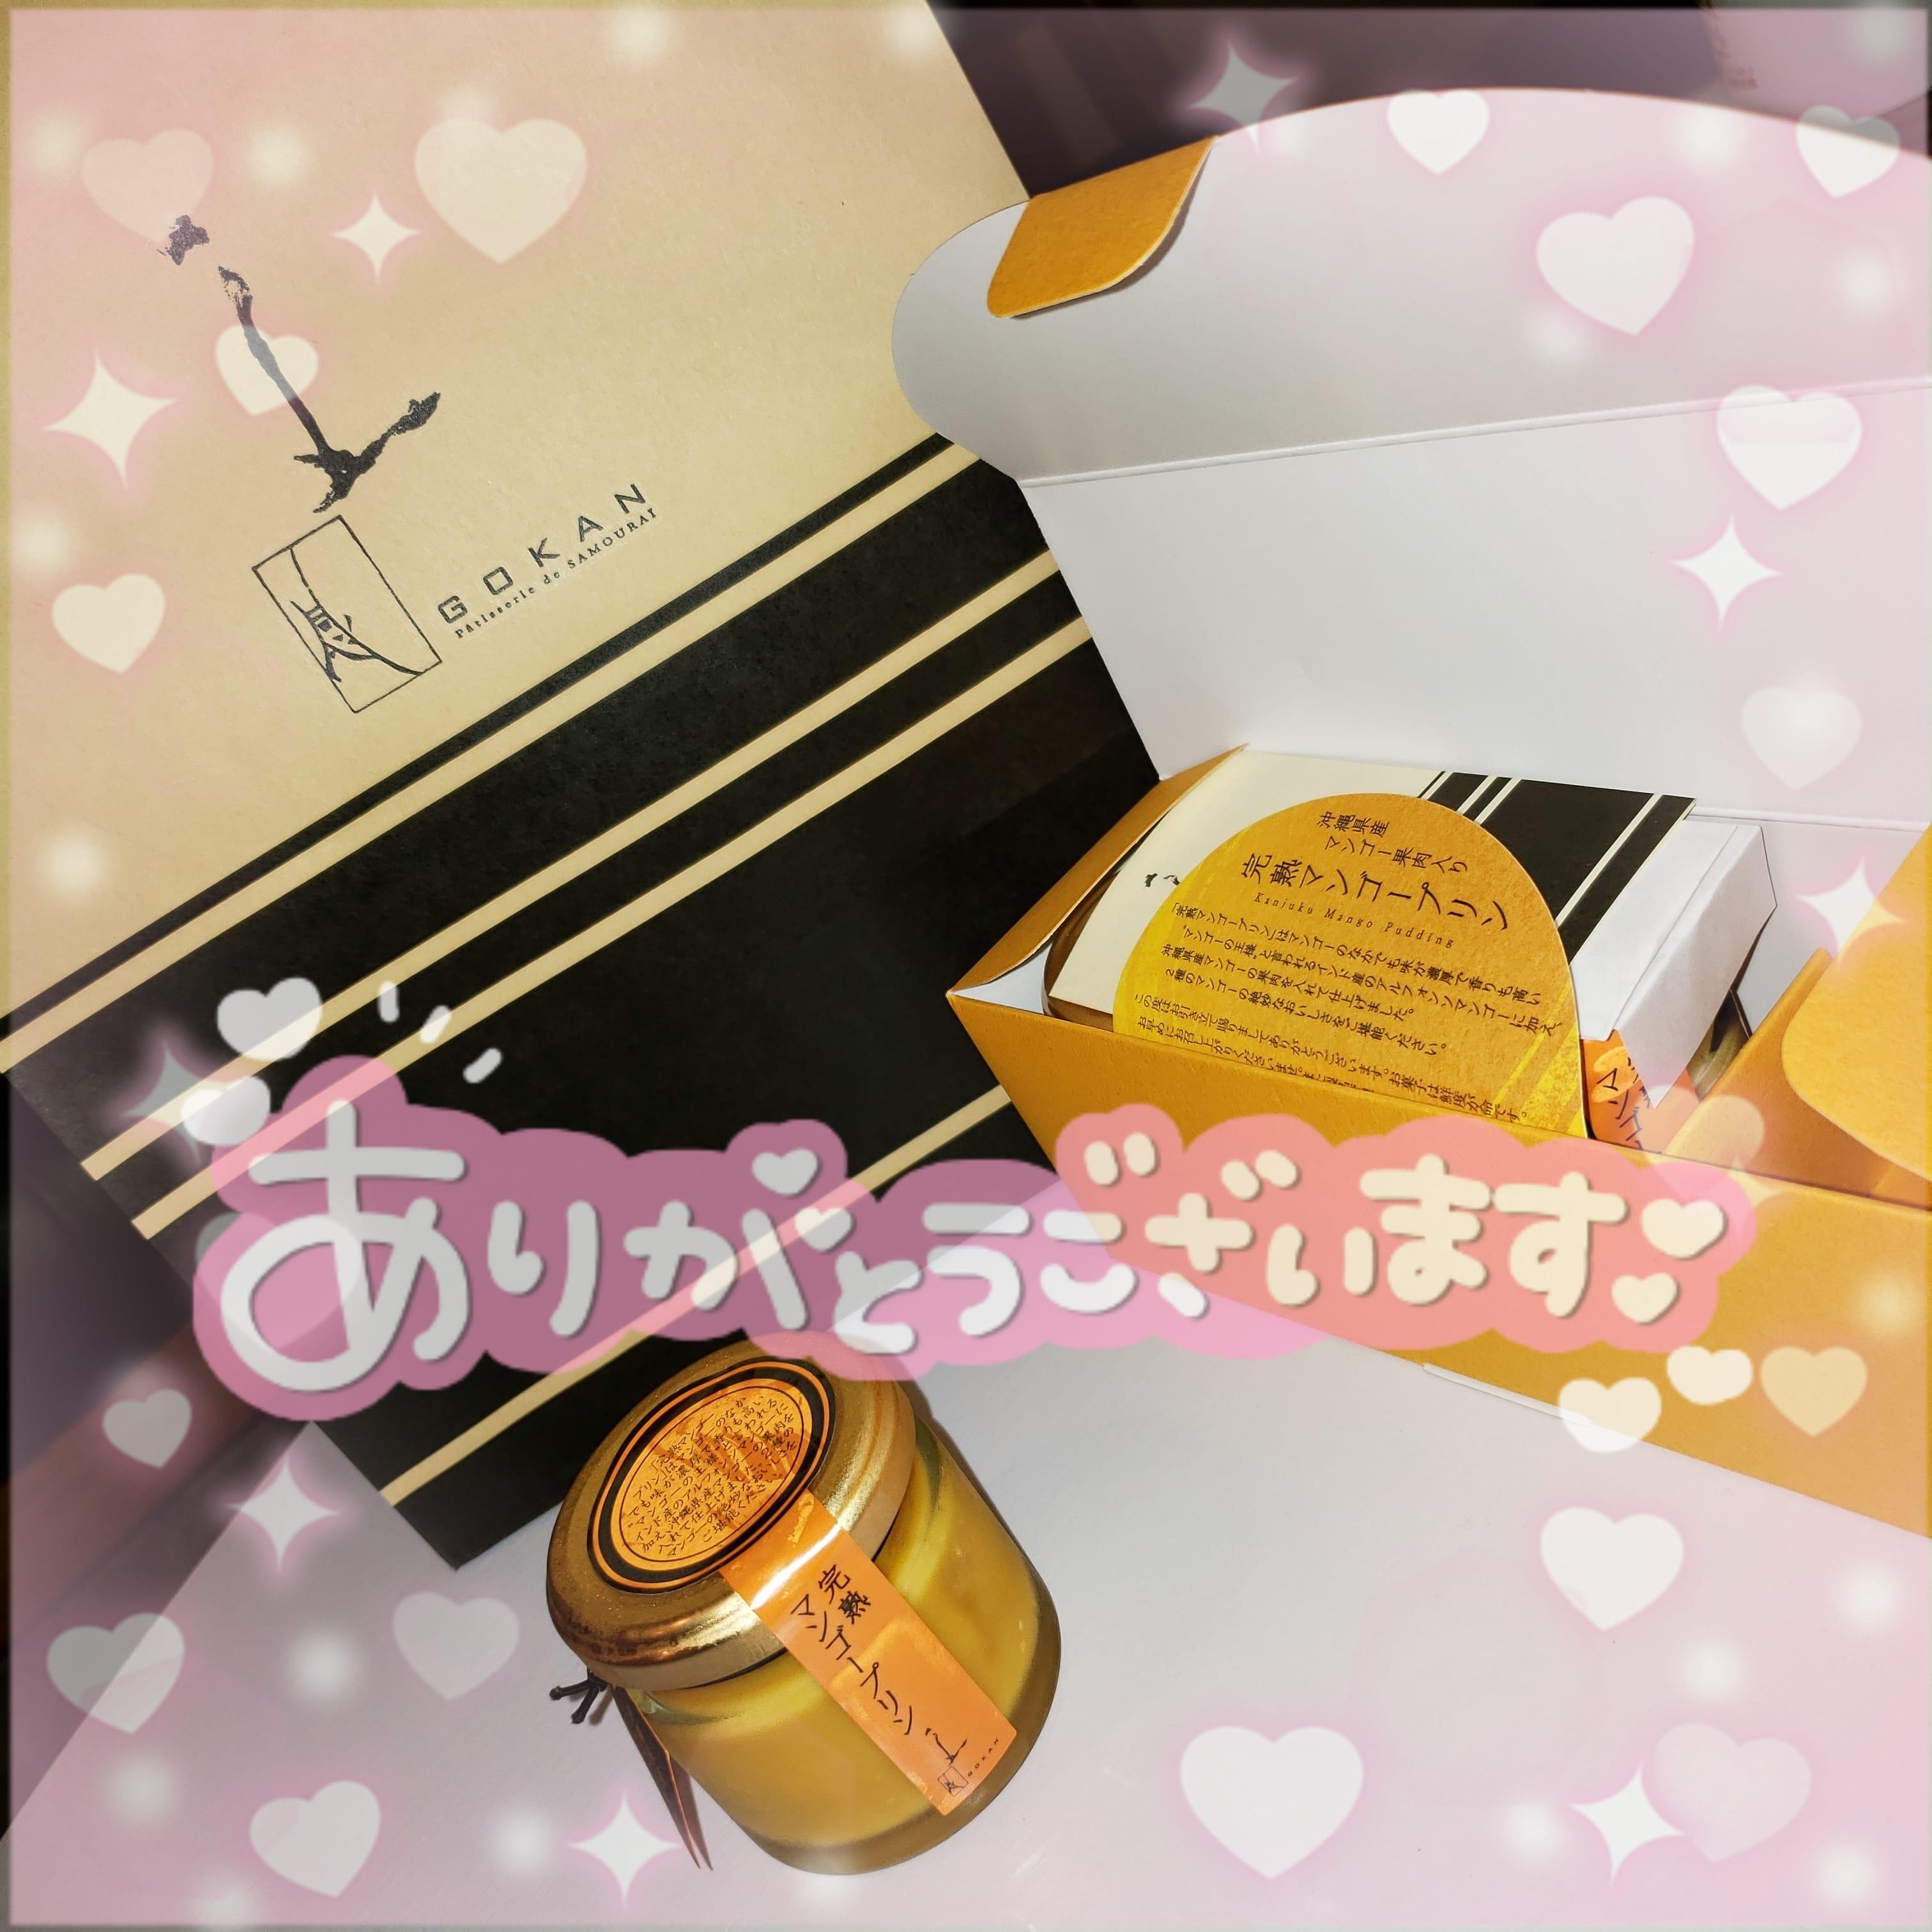 「ありがとうございます♡」06/12(土) 12:26 | 北沢かなでの写メ日記